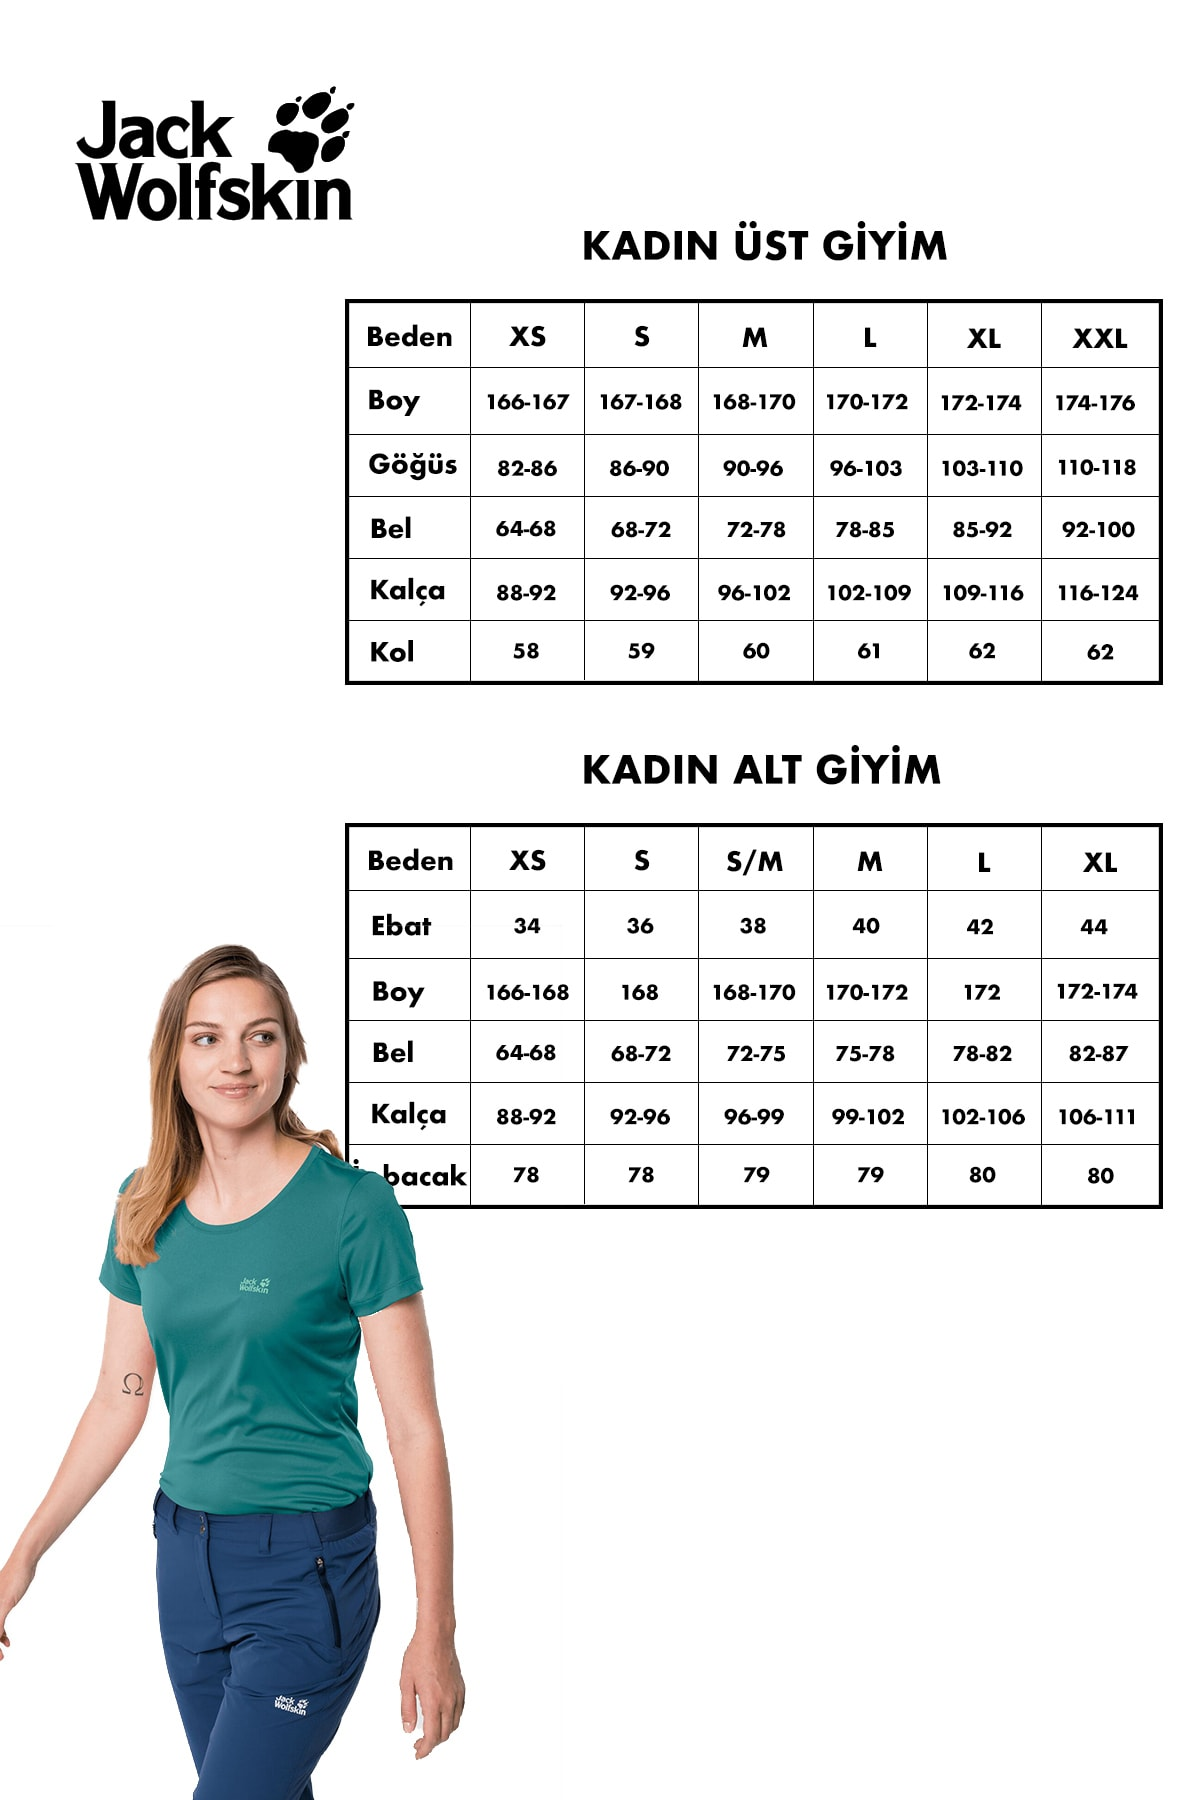 Jack Wolfskin Pique Polo Kadın T-Shirt - 1805701-1010 2